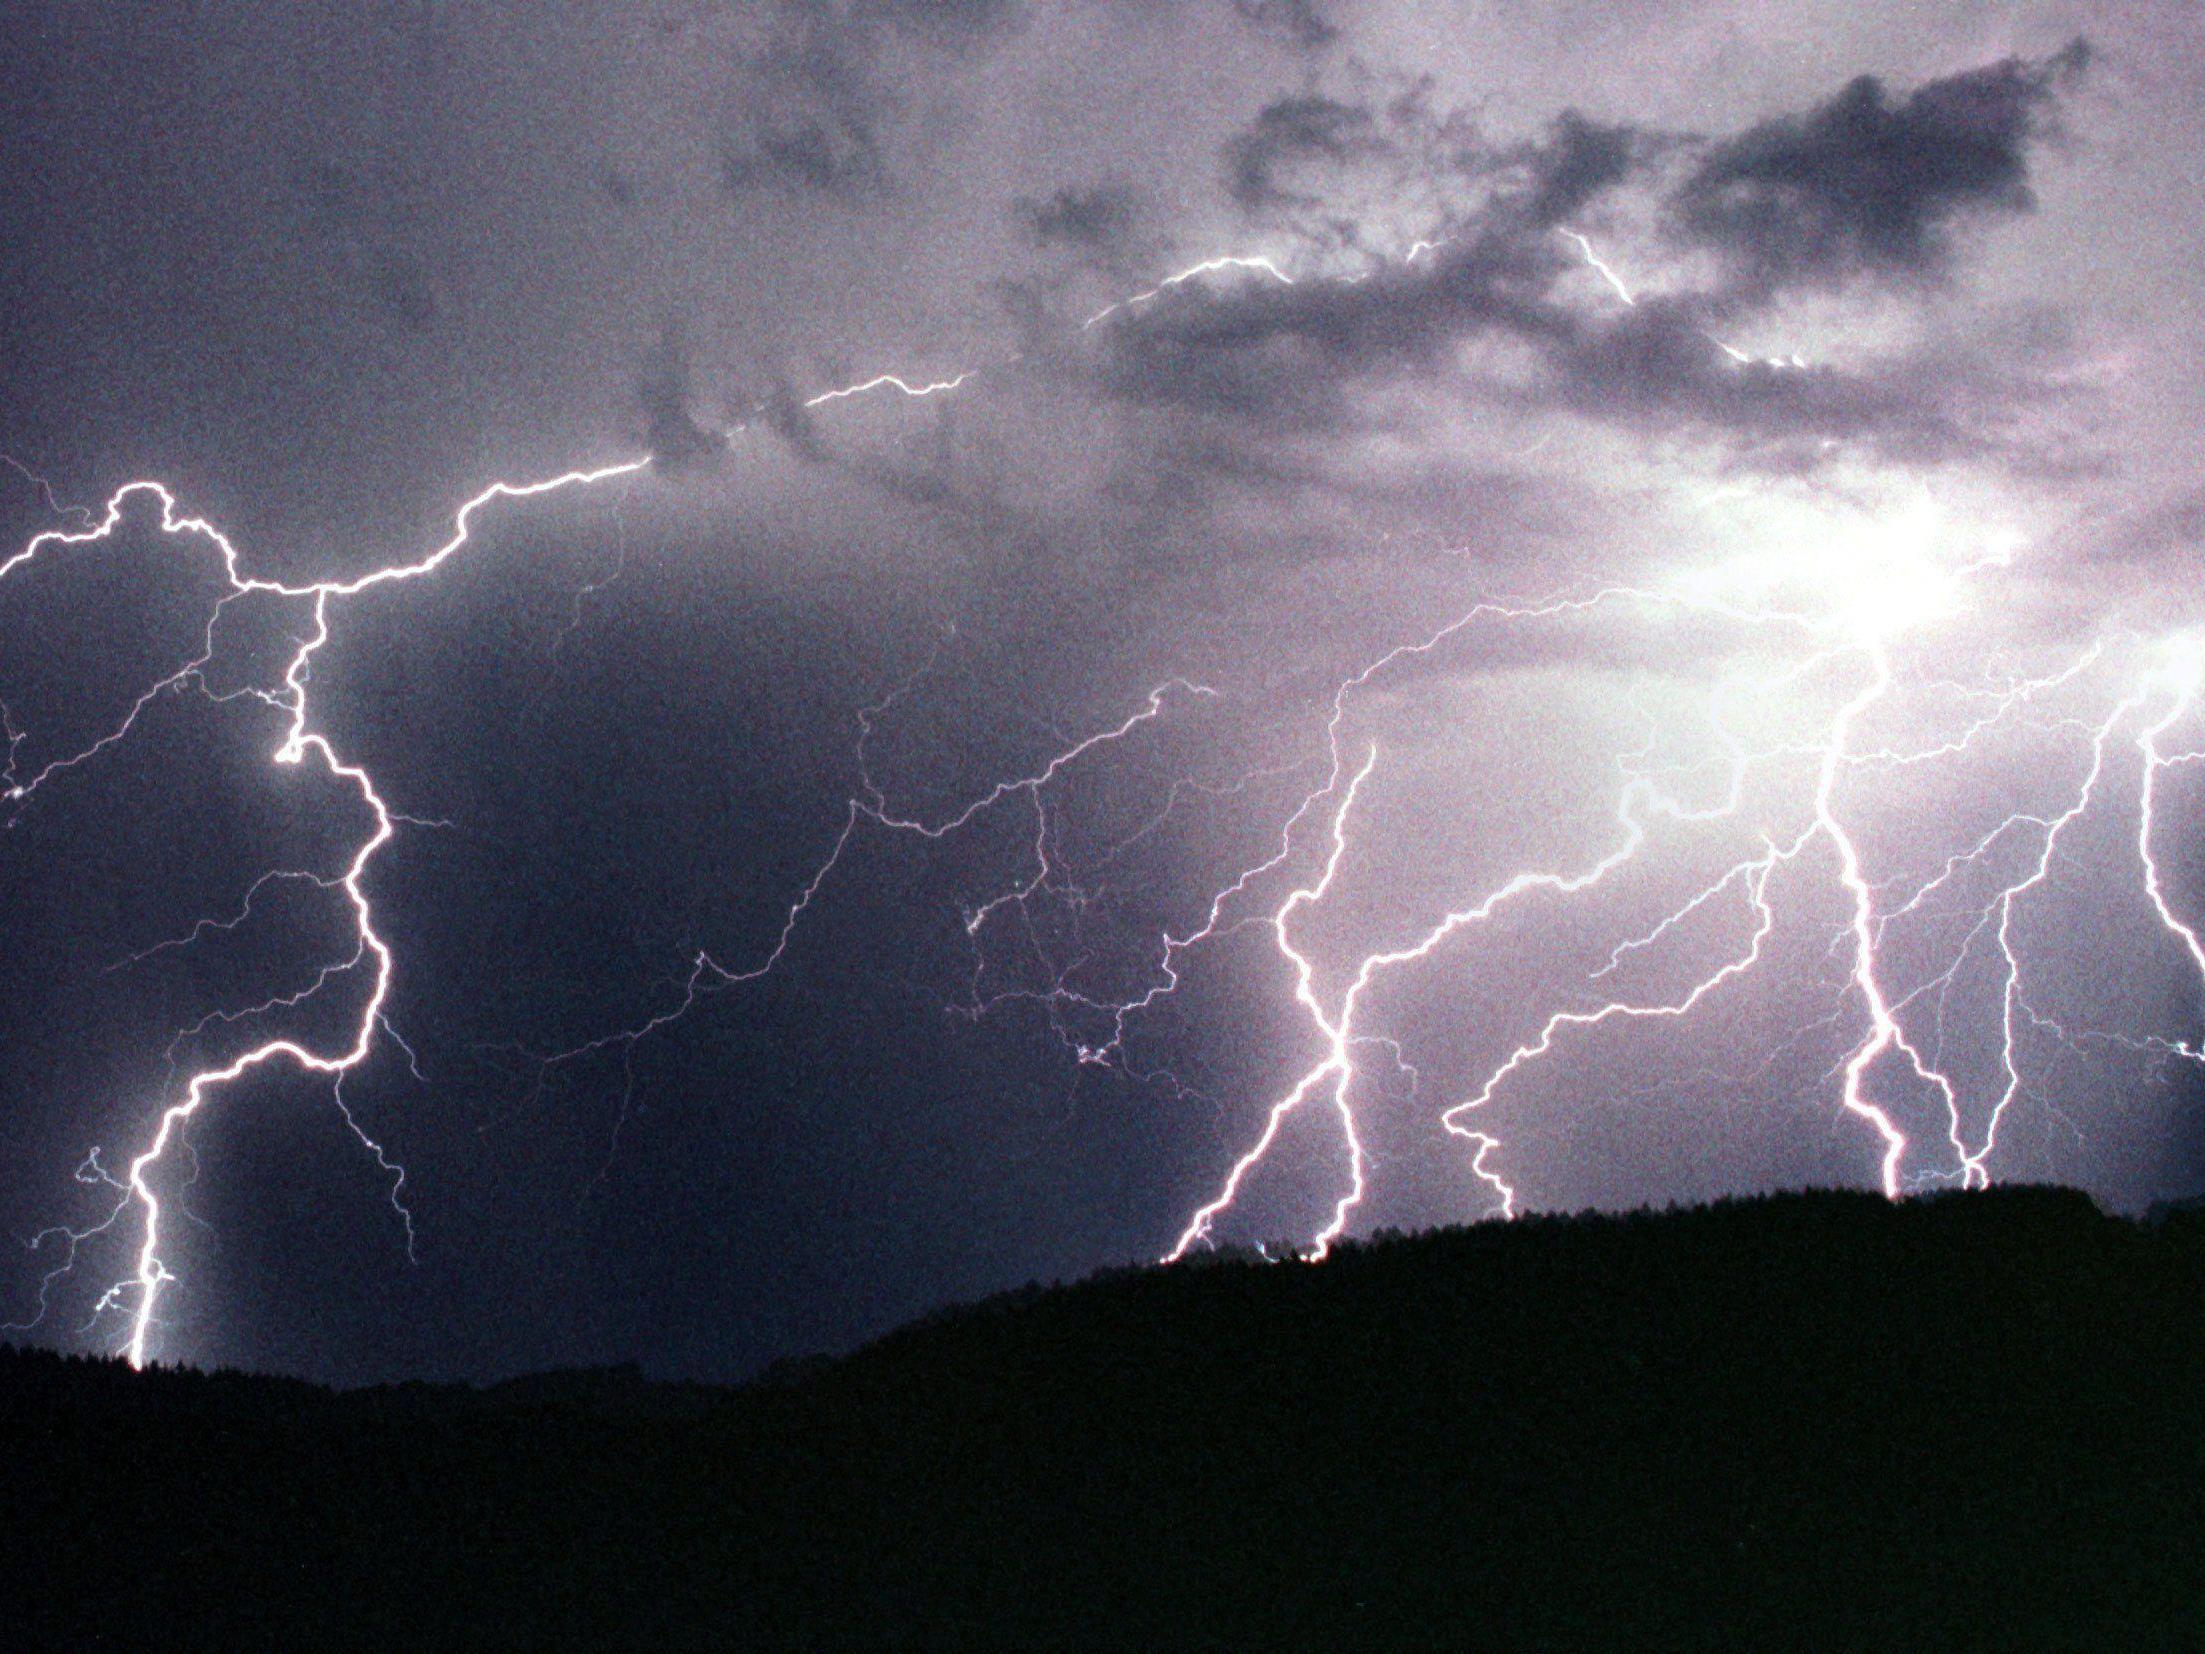 So verhalten sie sich bei einem Gewitter mit Blitz und Donner richtig.